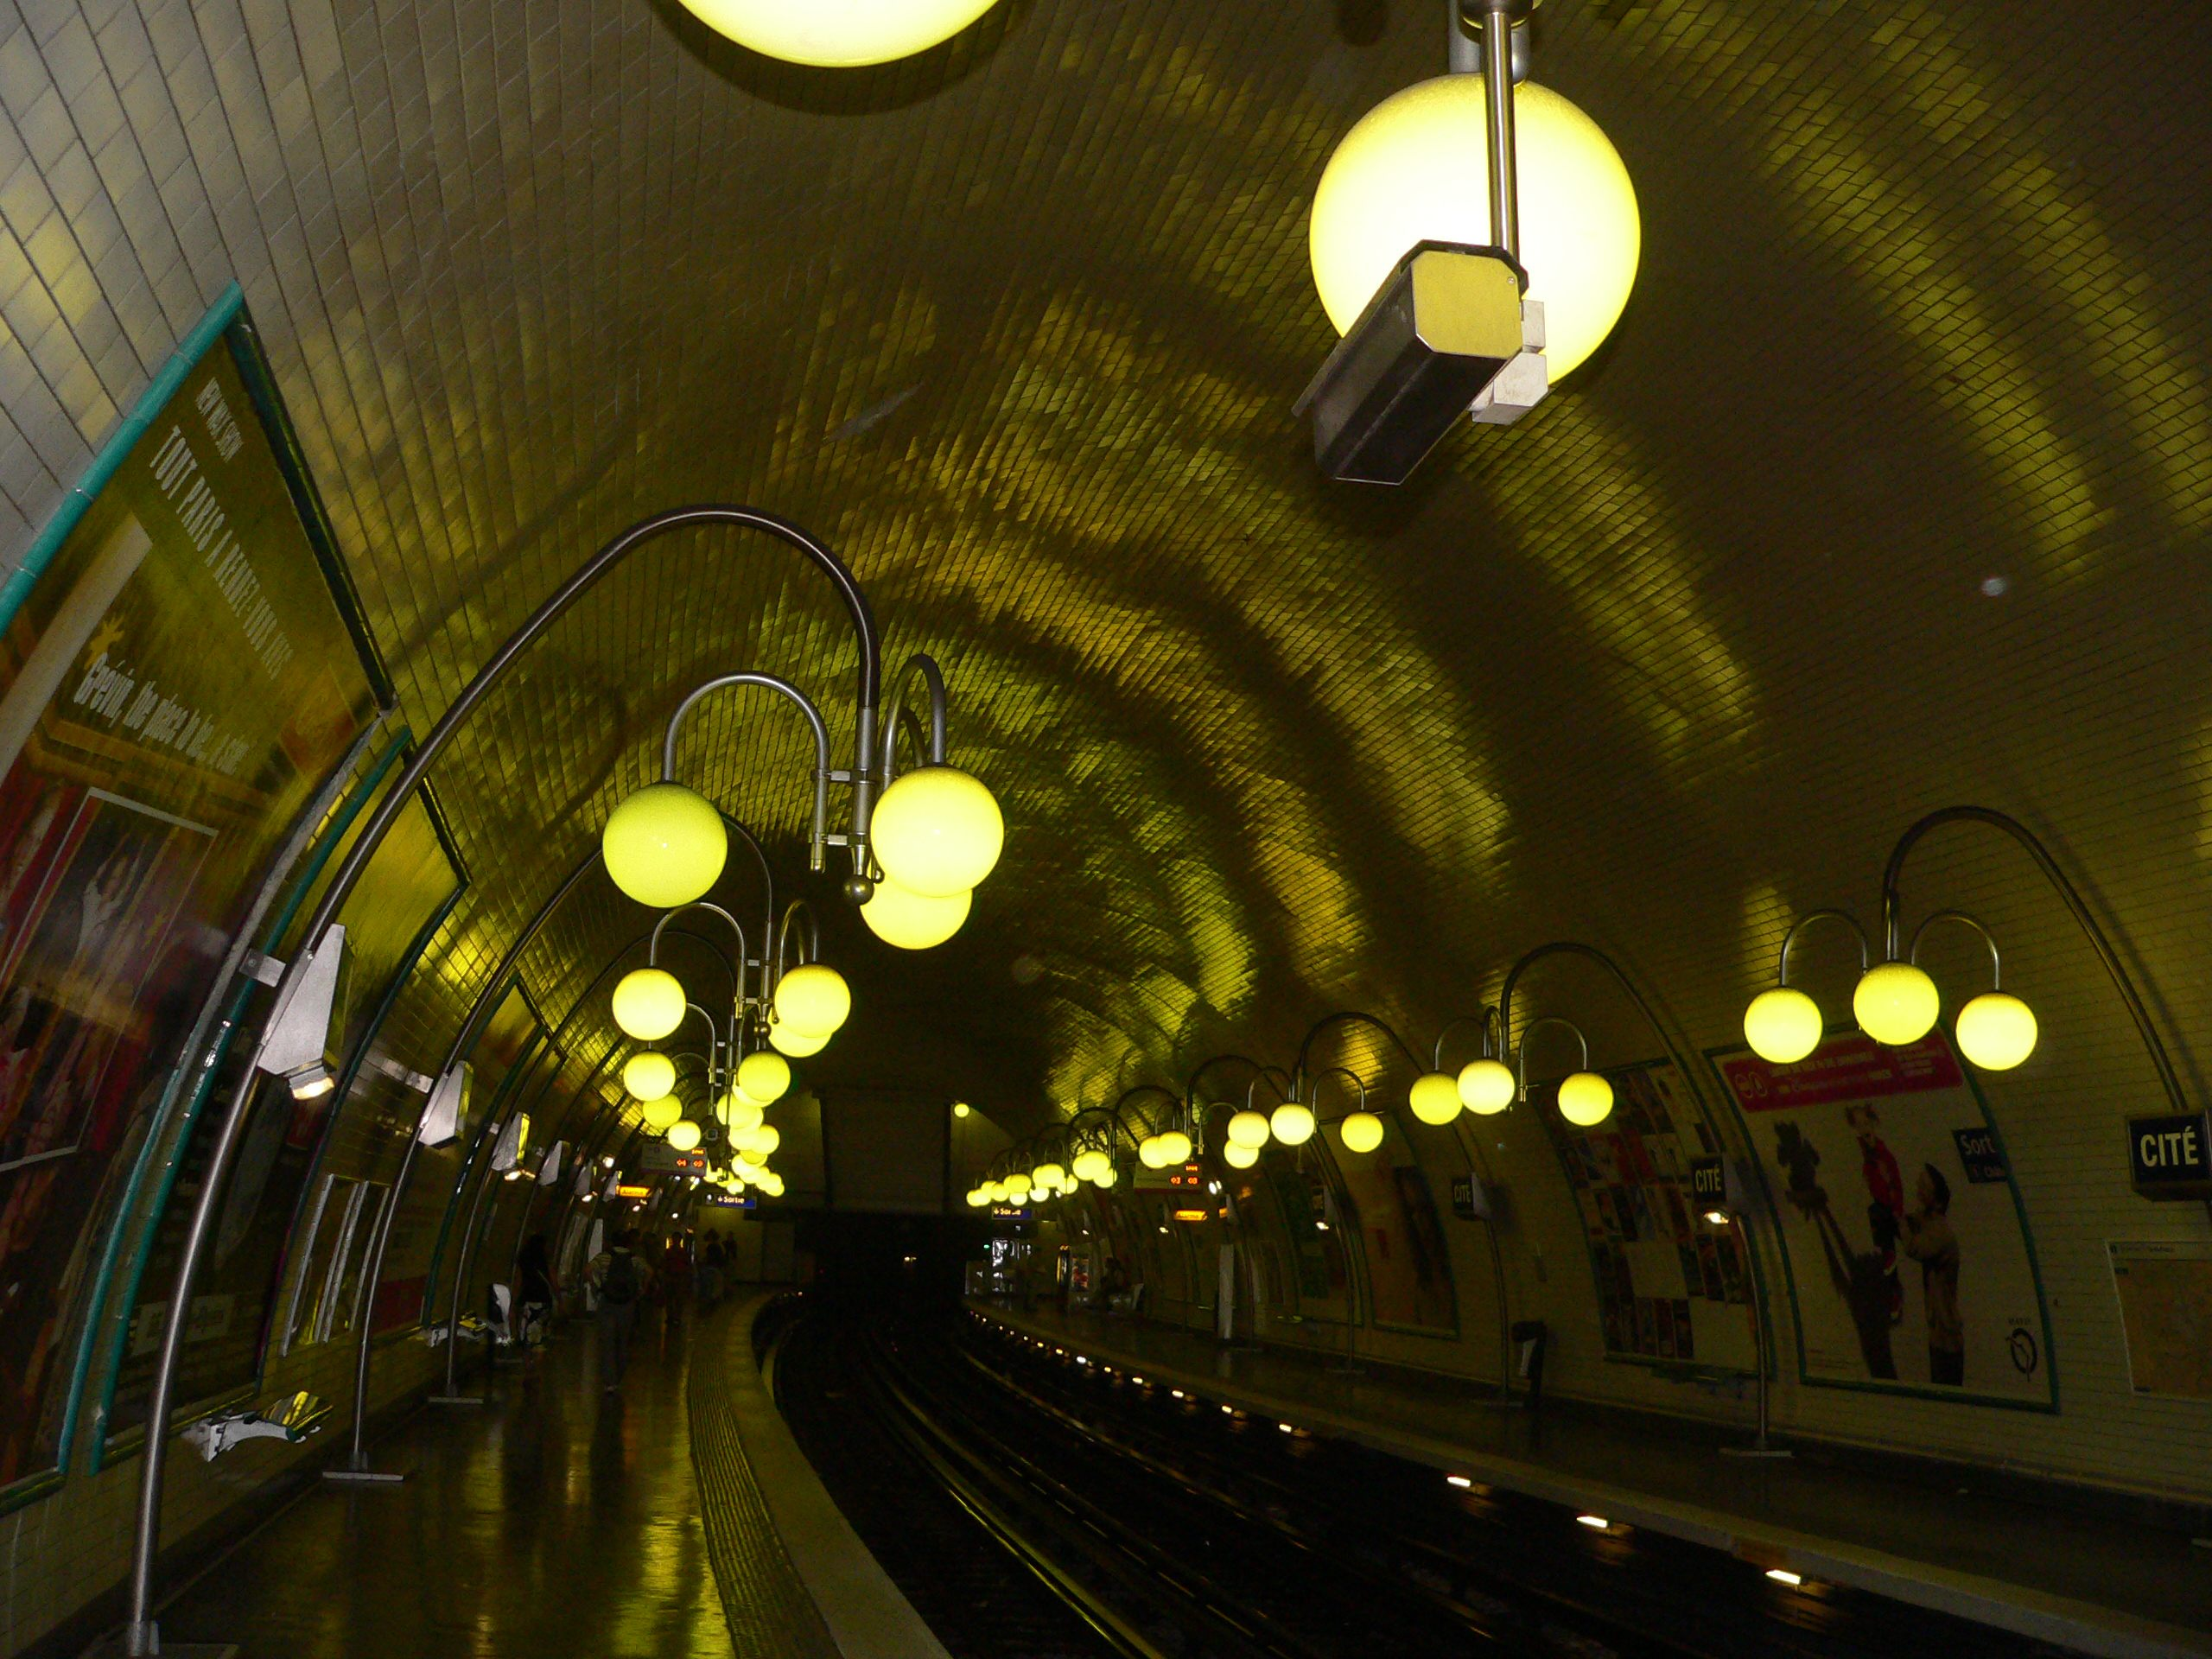 Metro-staionCIte-p1000475.jpg